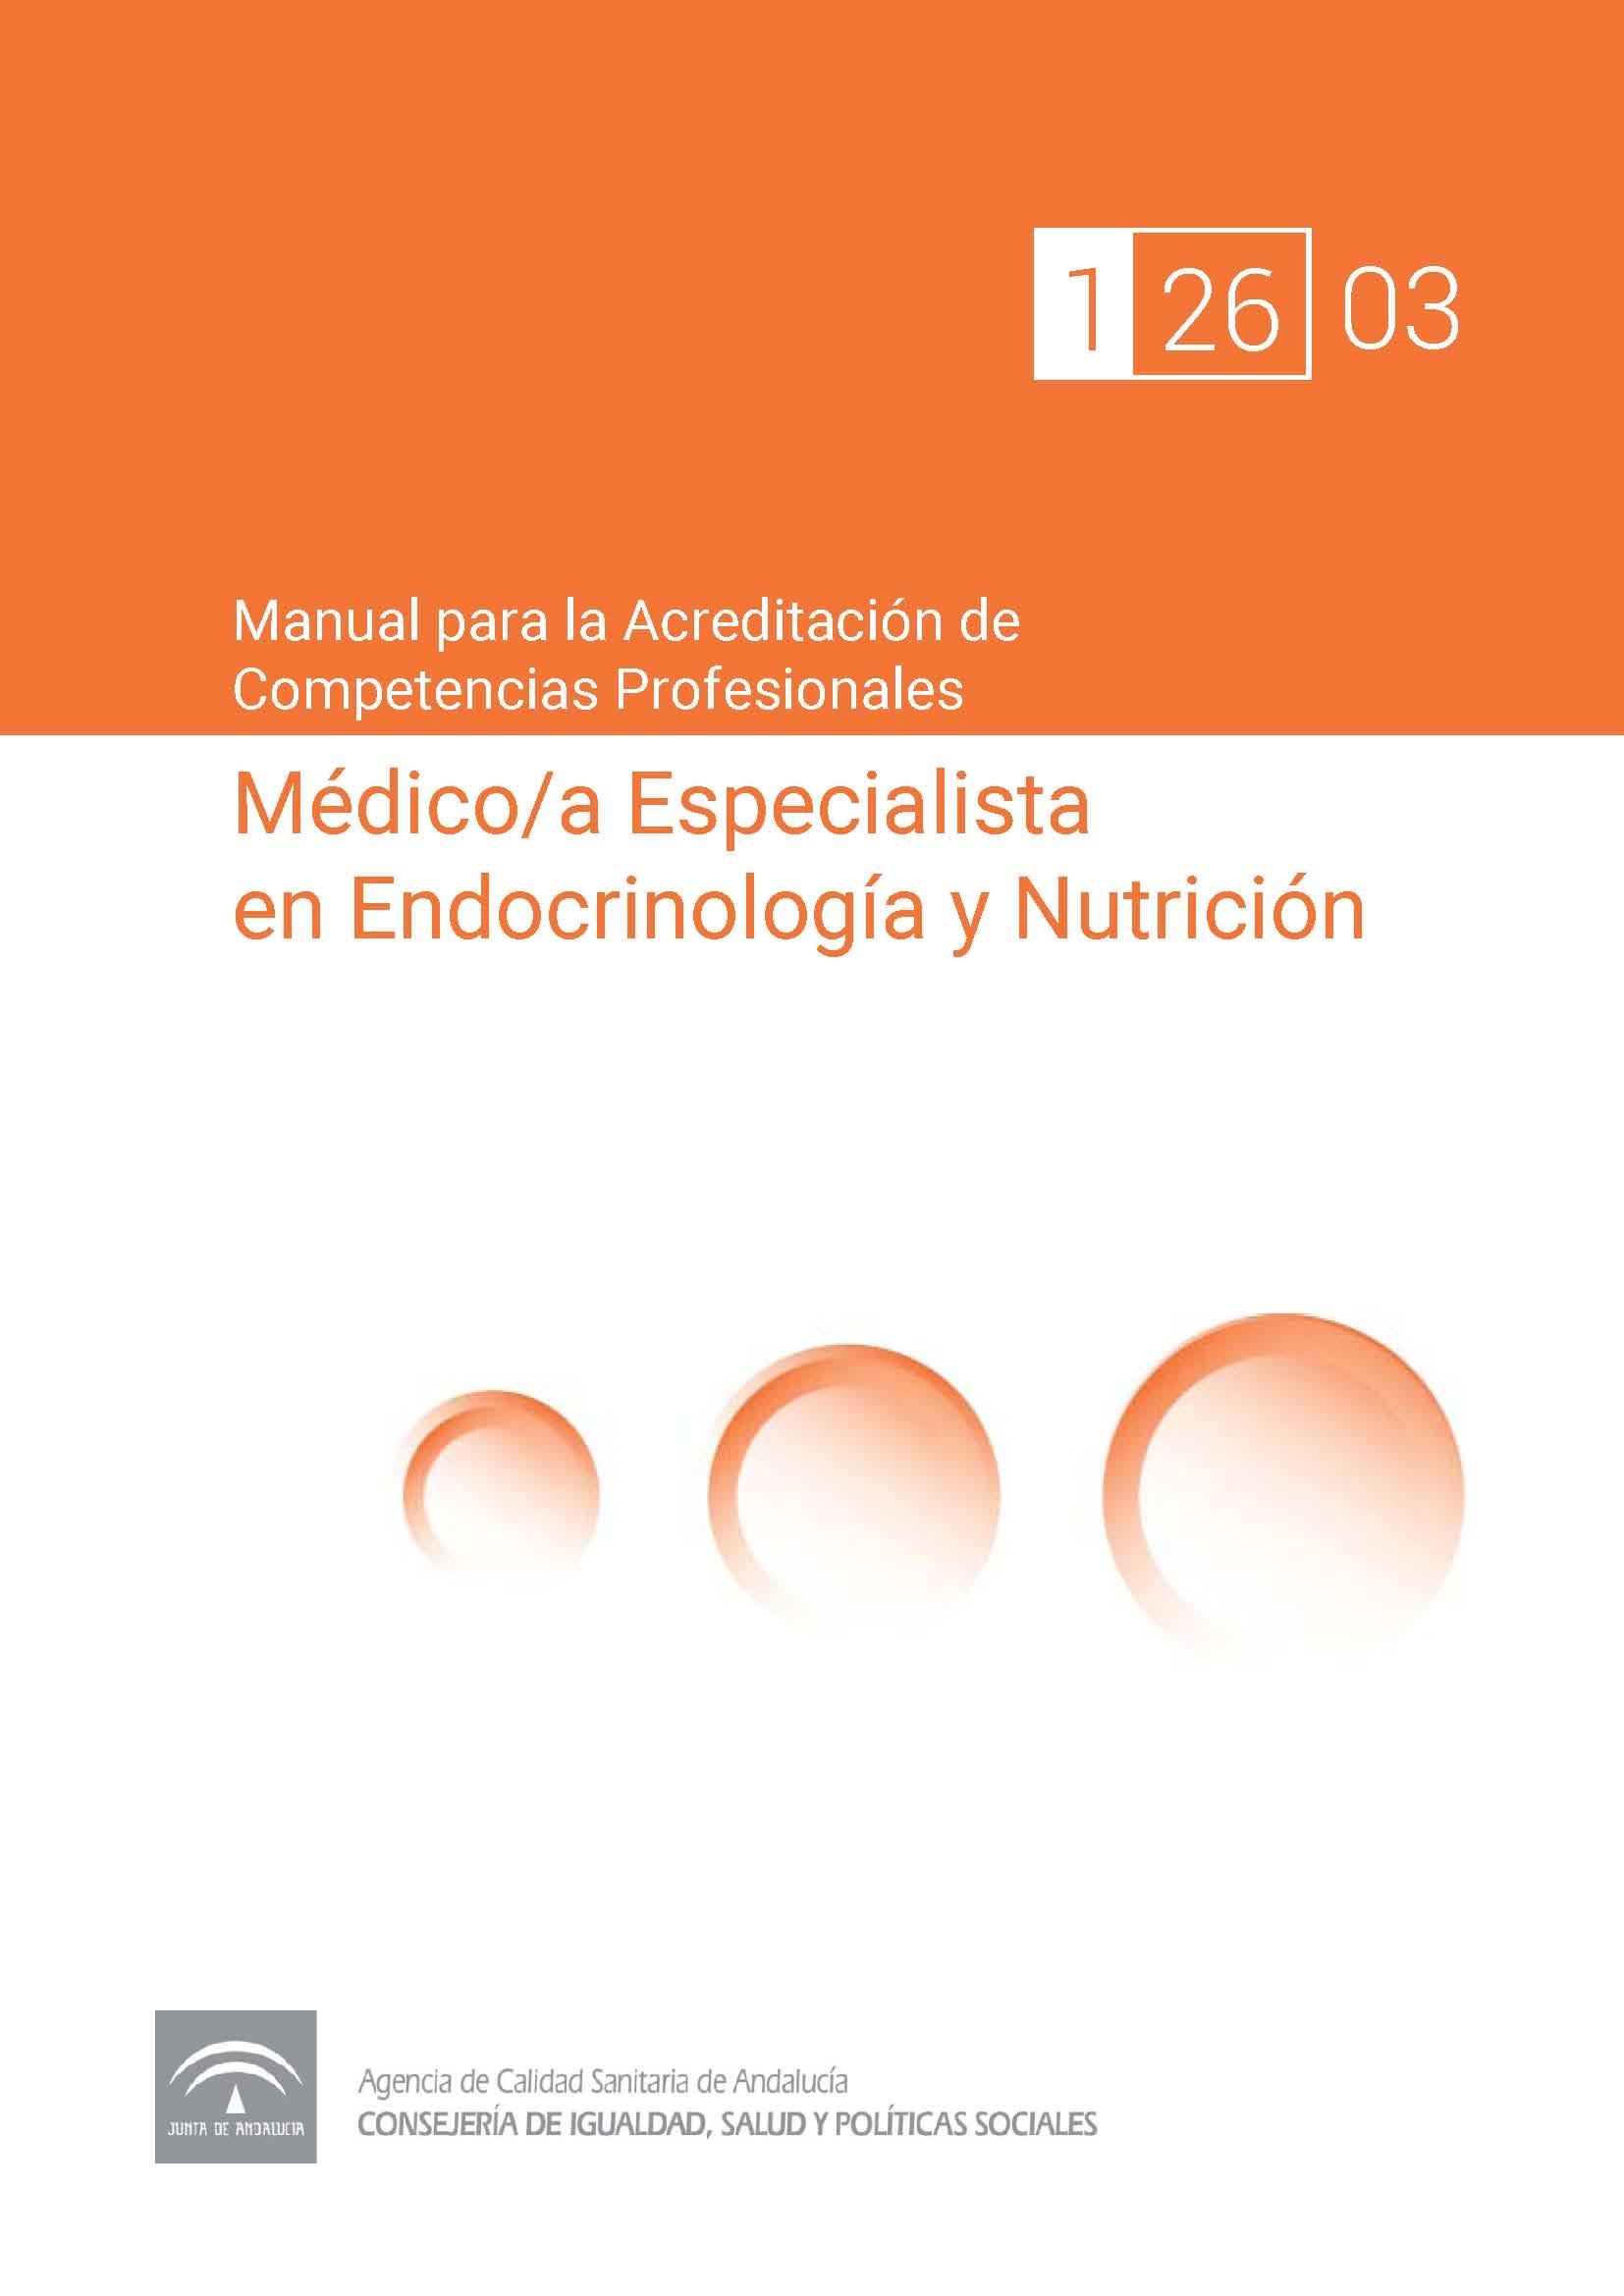 Manual de competencias profesionales del/de la Médico/a Especialista en Endocrinología y Nutrición